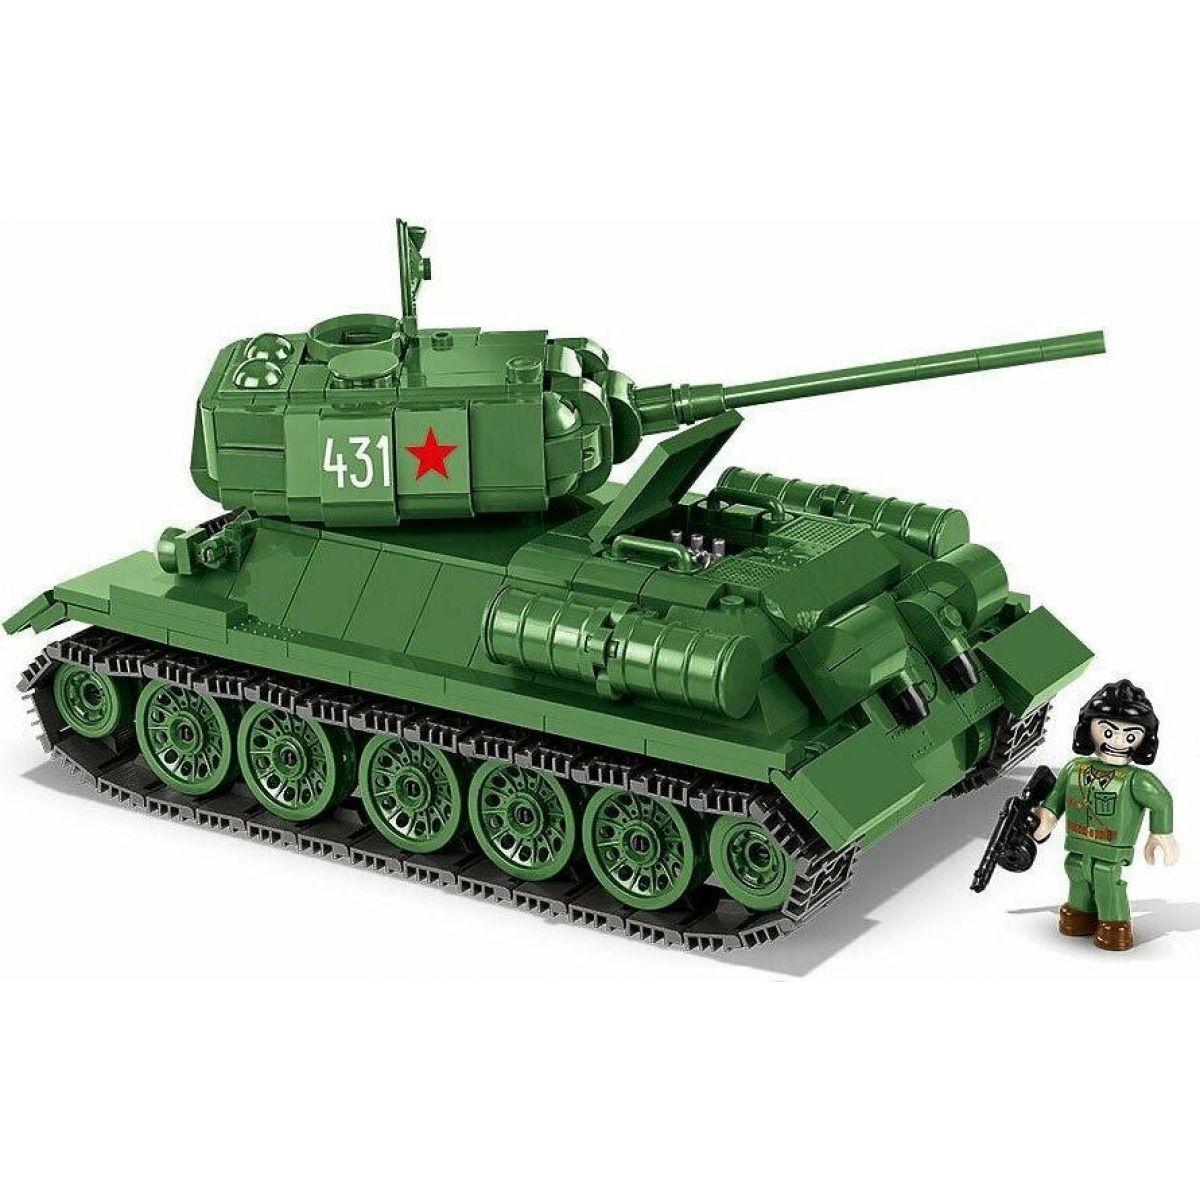 Cobi Malá armáda 2476 T34-85 m 1944